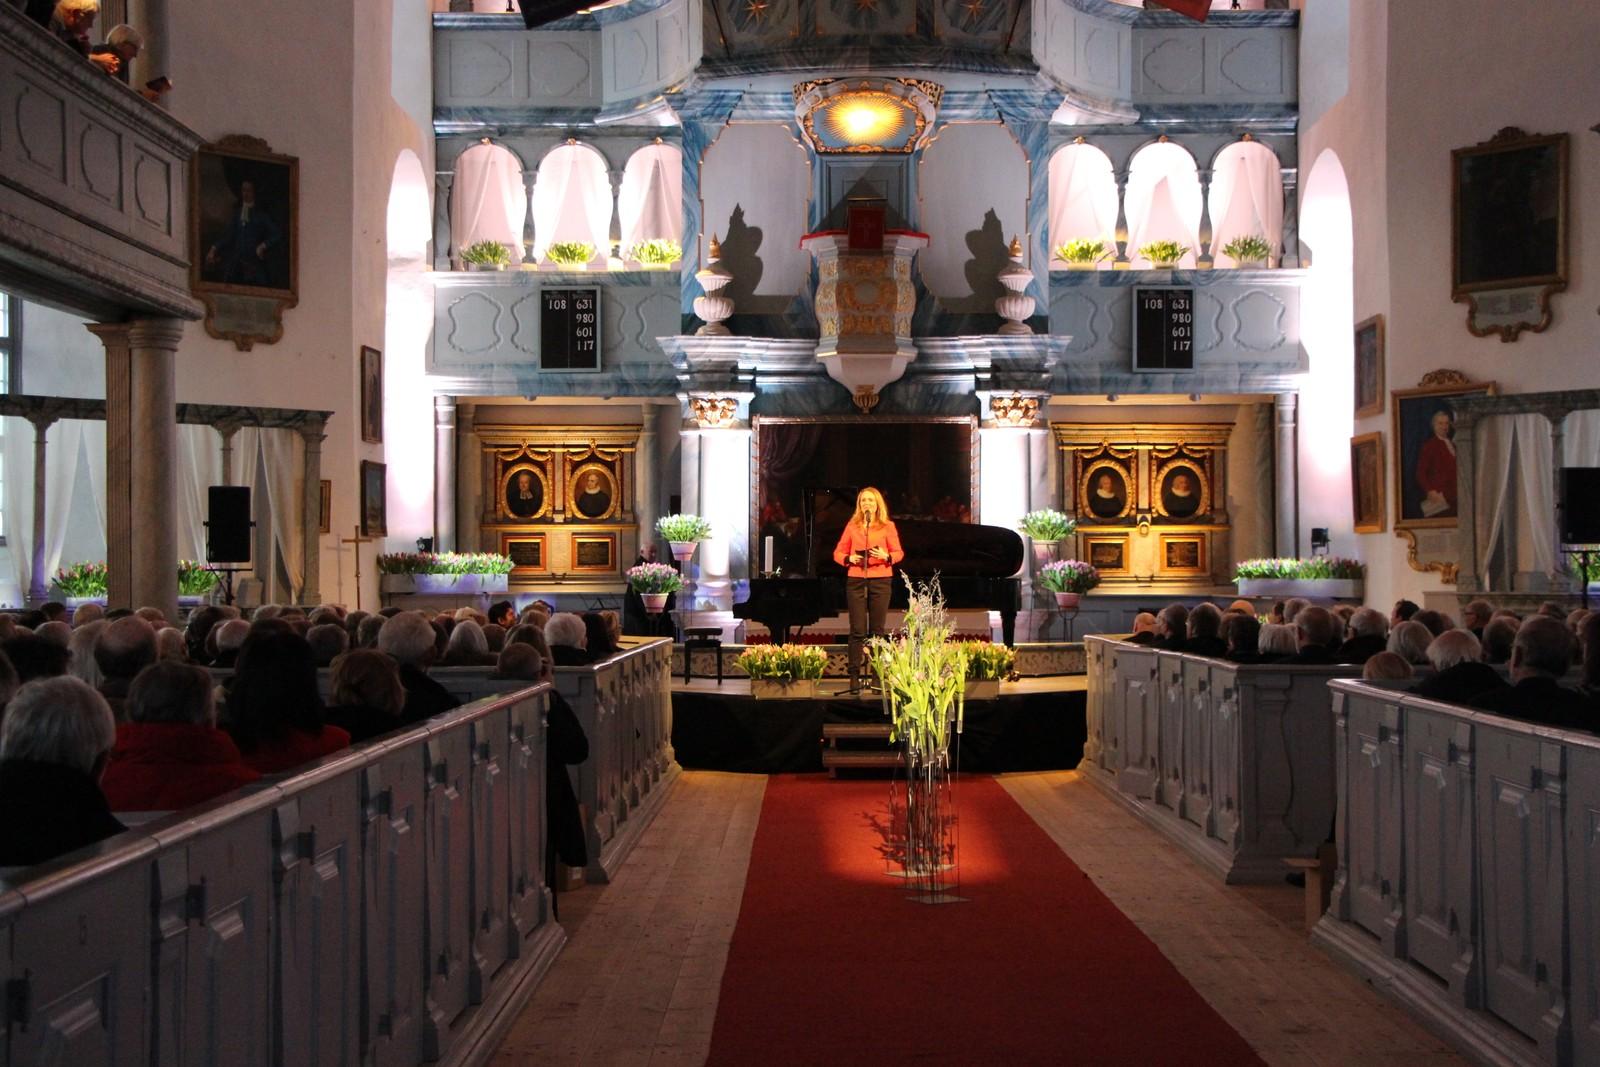 Kulturminister Linda Hofstad Helleland åpnet Vitnerfestspillene i Bergstaden i Røros kirke.